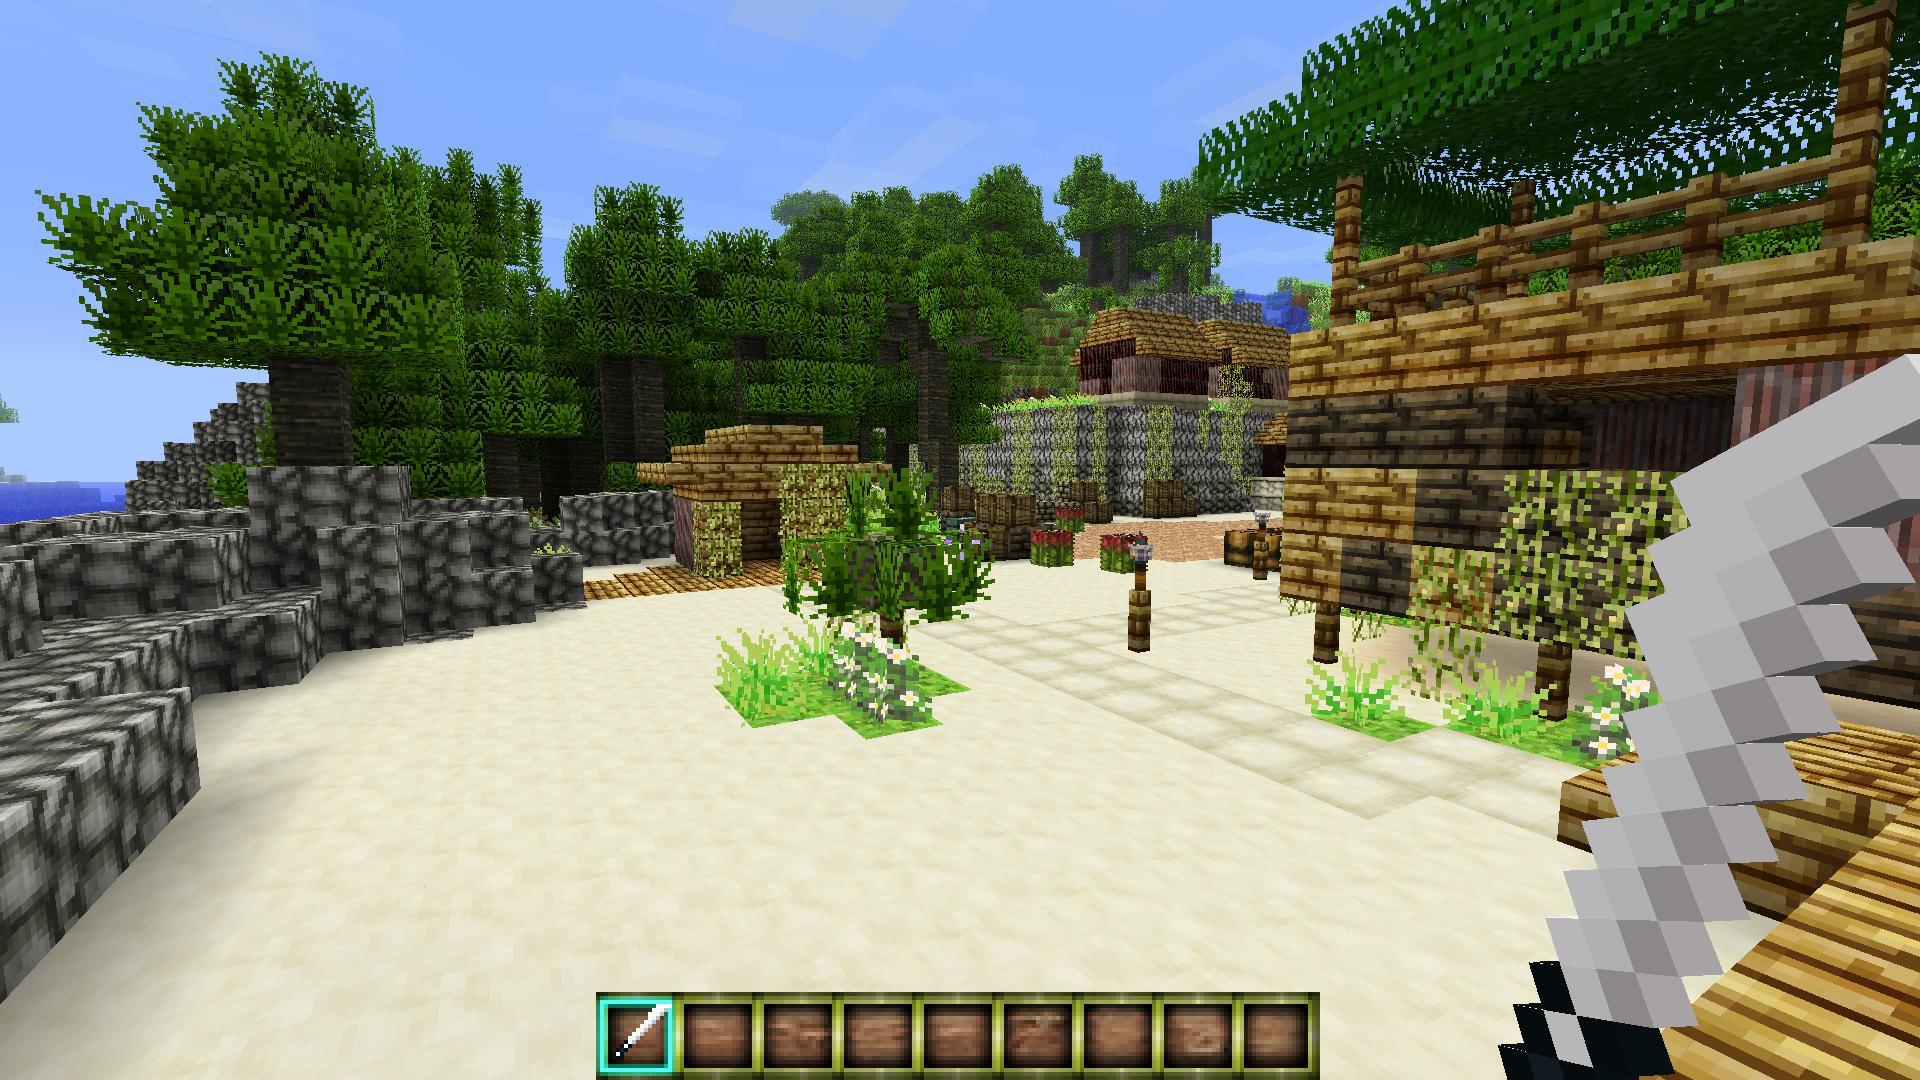 Minecraft Spielen Deutsch Minecraft Pferde Spiele Bild - Minecraft pferde spielen